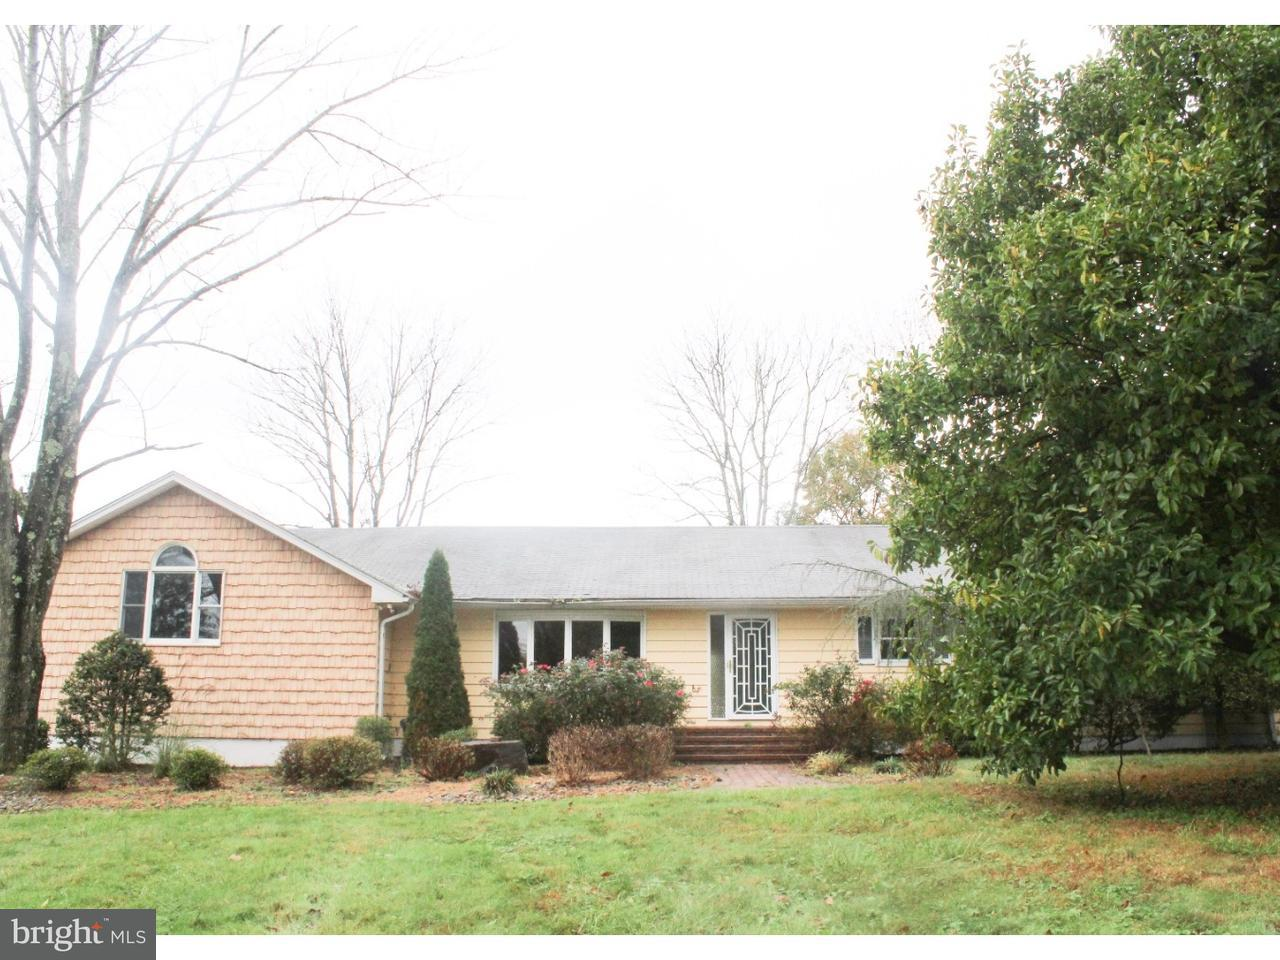 独户住宅 为 销售 在 2 WINDING BROOK WAY 泰特斯维尔, 新泽西州 08560 美国在/周边: Hopewell Township